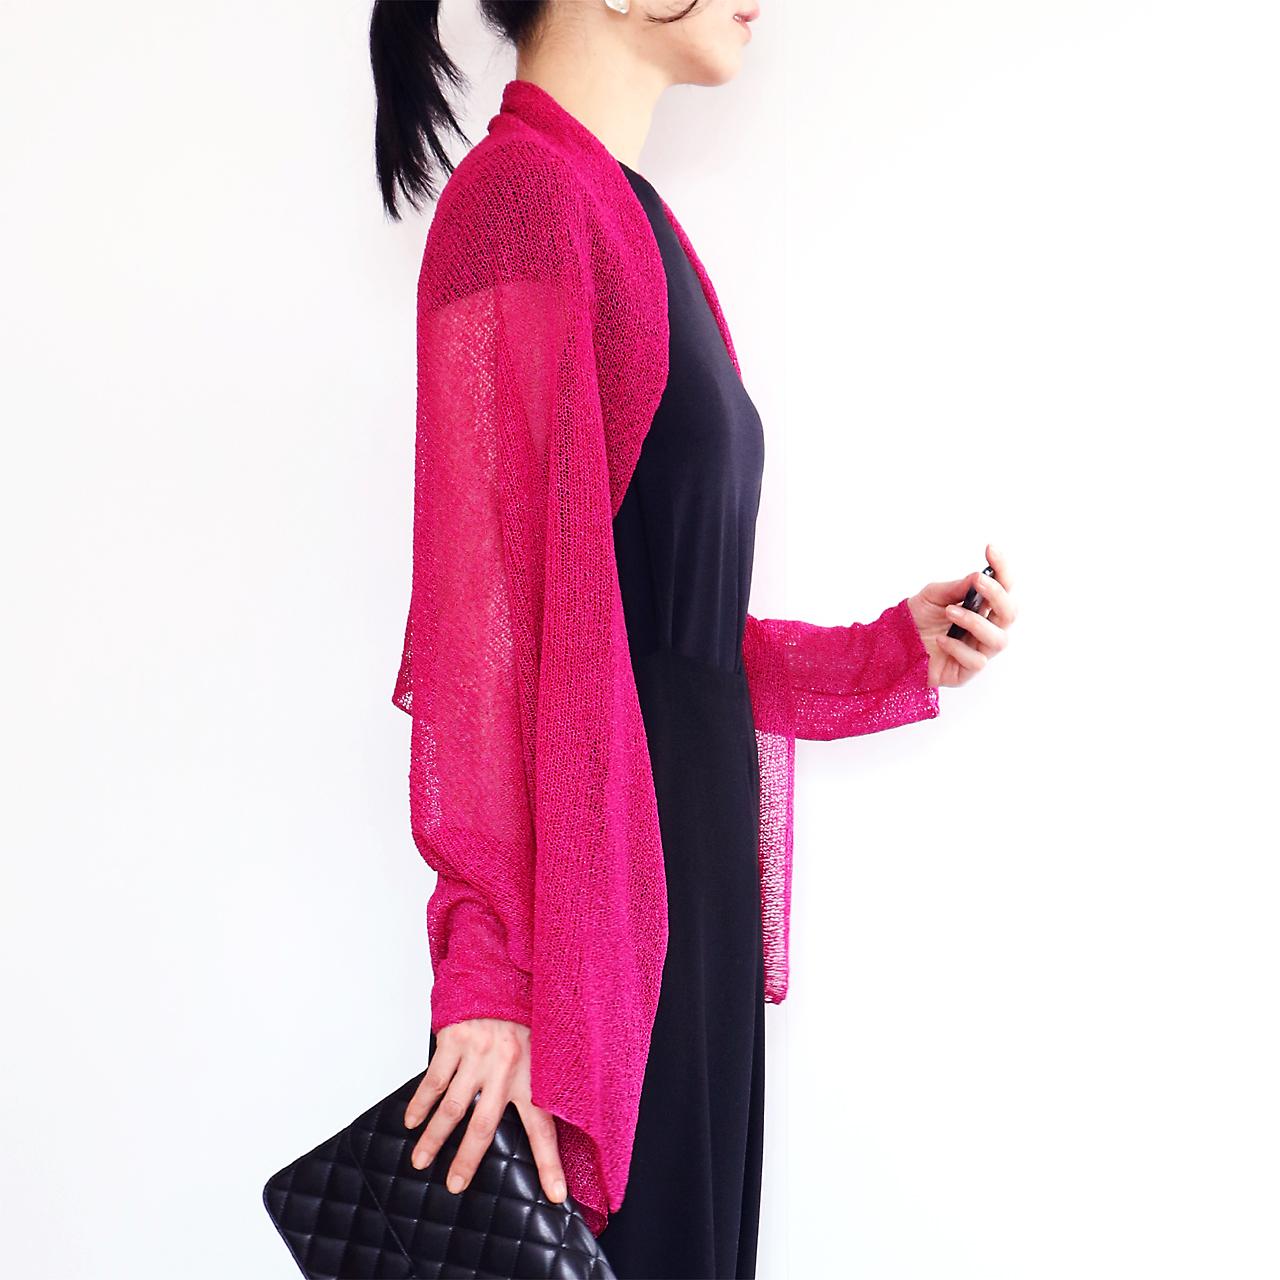 Rigel[リゲル] 袖付きストール / フューシャ・ピンク